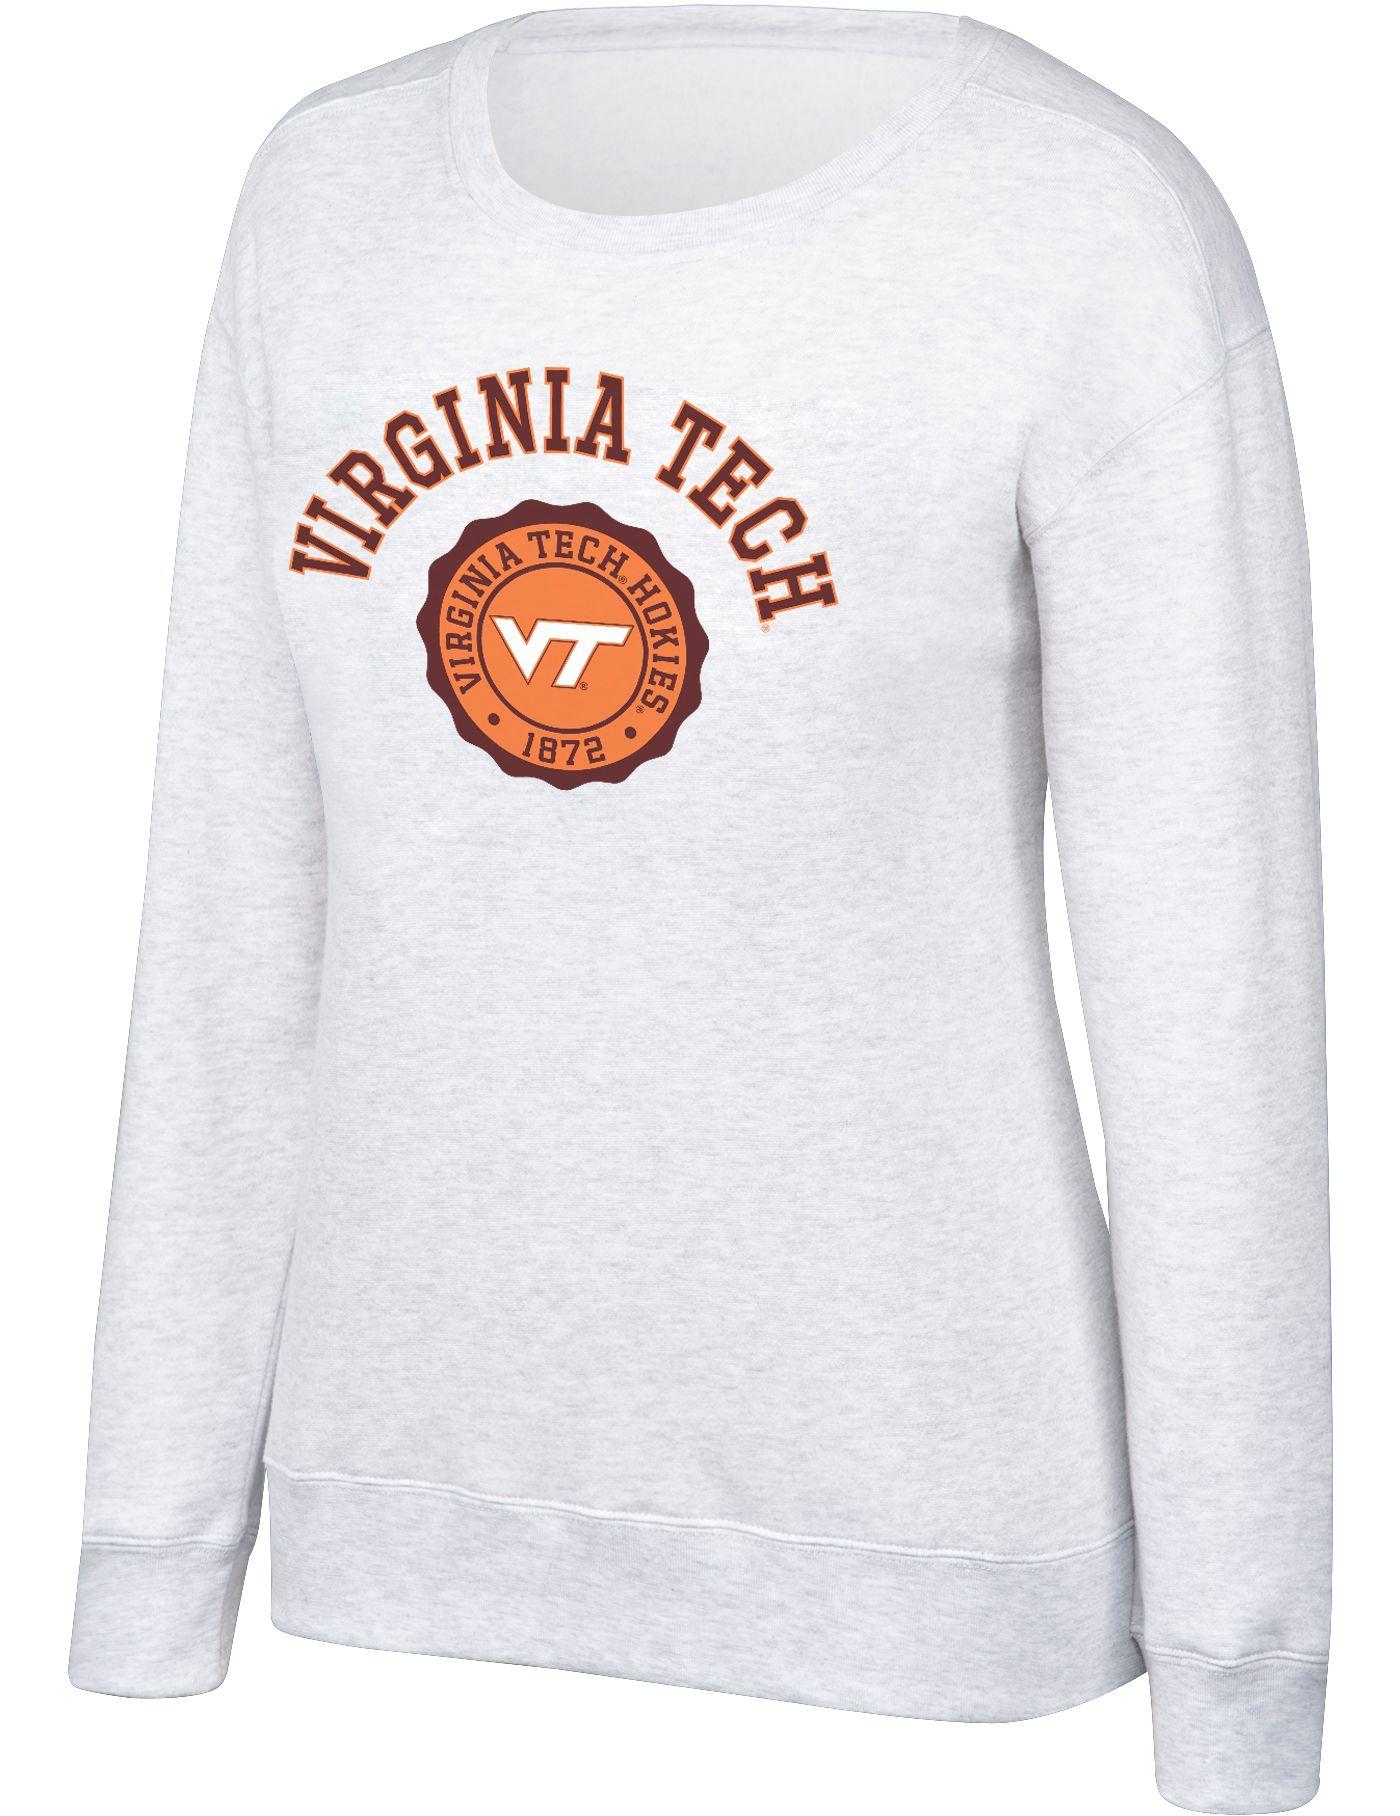 Top of the World Women's Virginia Tech Hokies Grey Essential Crew Neck Sweatshirt